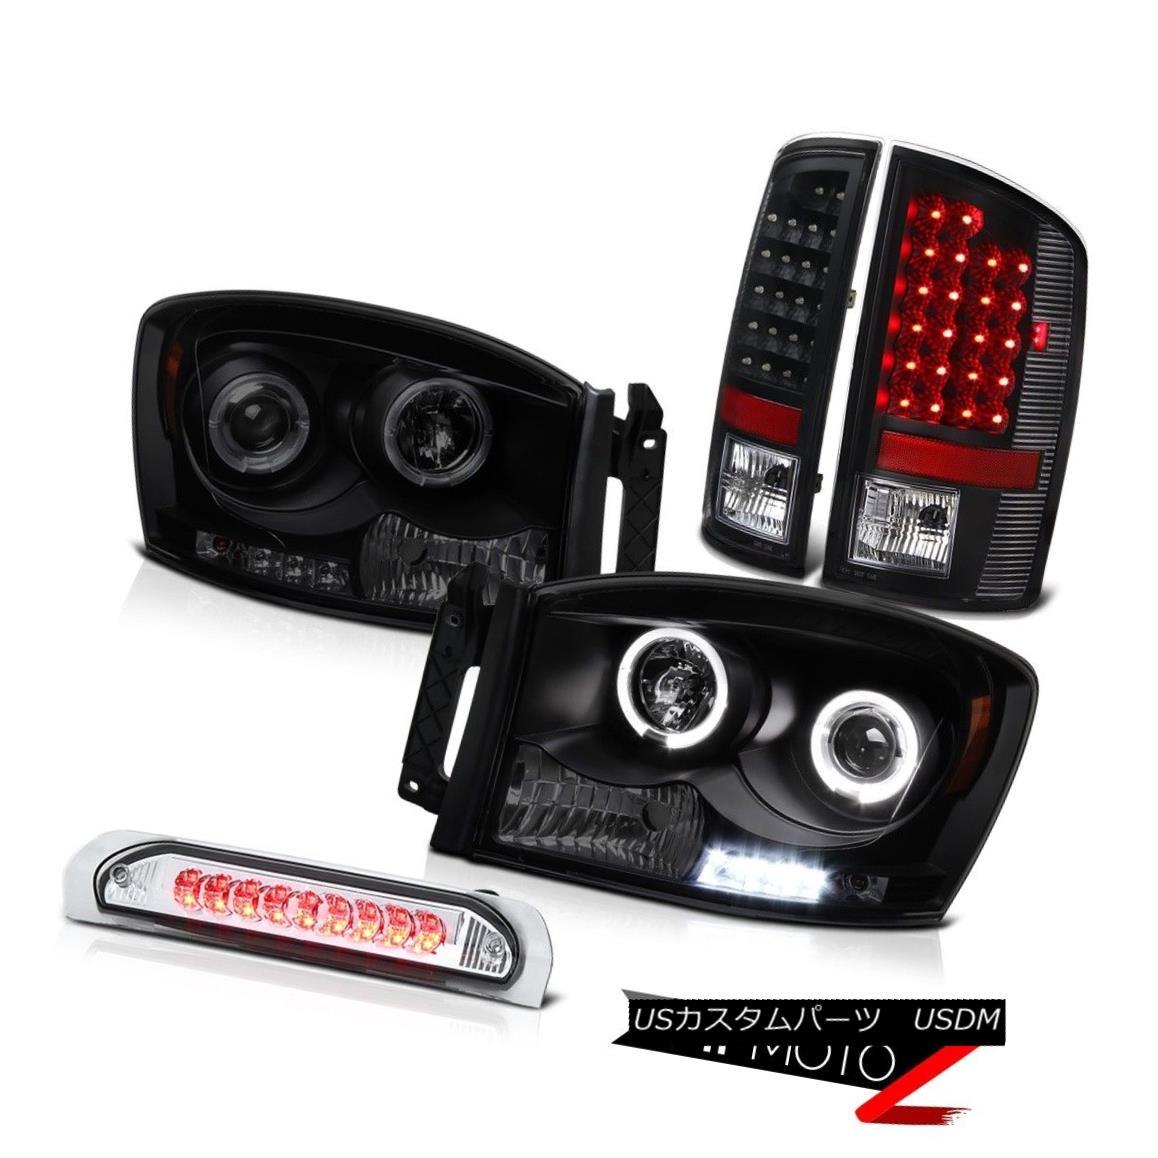 テールライト 2006 Dodge Ram SLT Smoke Halo DRL LED Headlights Tail Light 3RD Cargo Cab Lights 2006ダッジラムSLTスモークハローDRL LEDヘッドライトテールライト3RDカーゴキャブライト